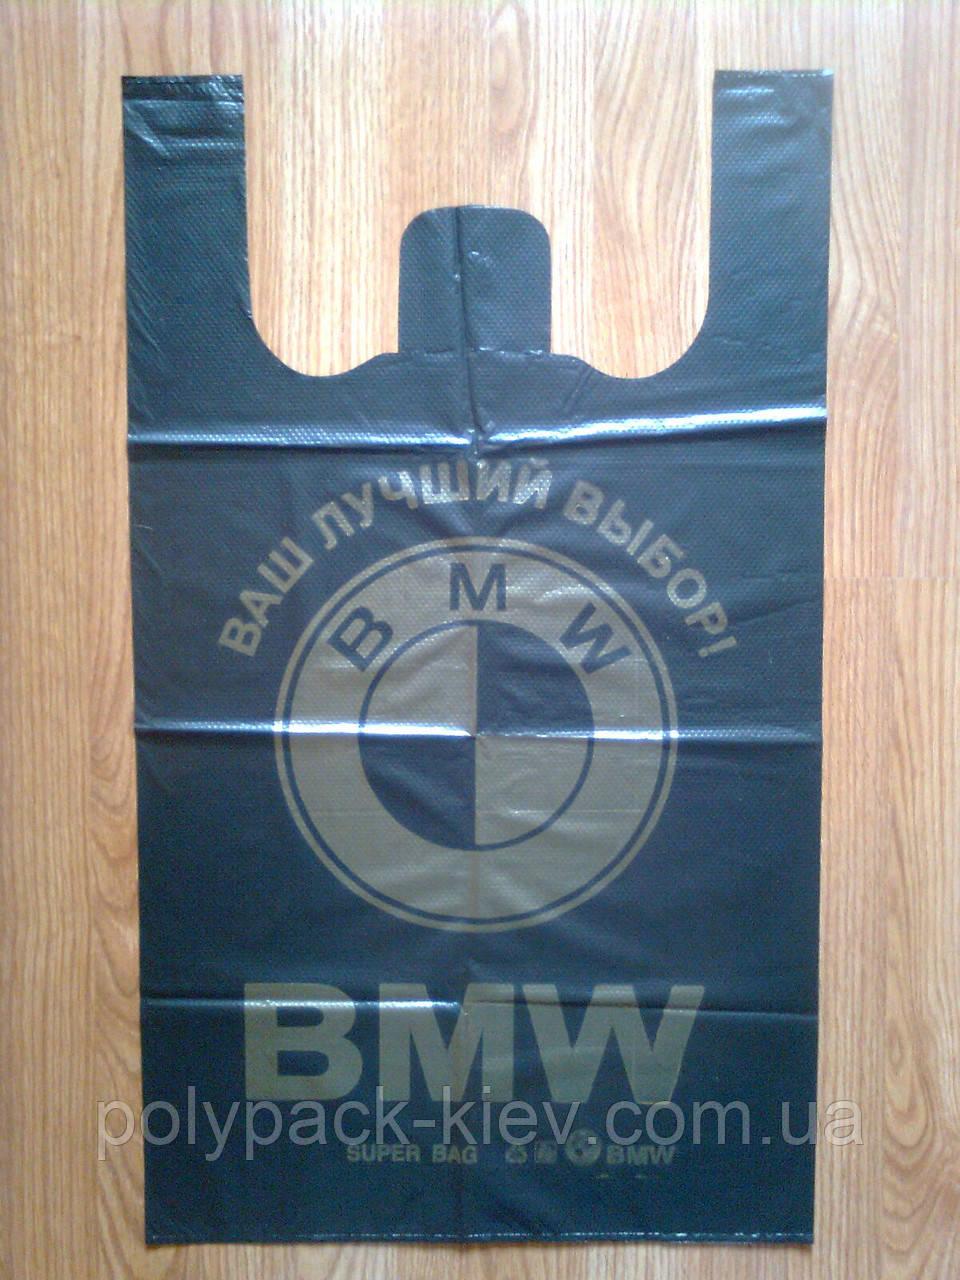 Пакеты майка BMW 44х75 см/ 35 мкм плотные, прочные полиэтиленовые от производителя, большой пакет БМВ купить